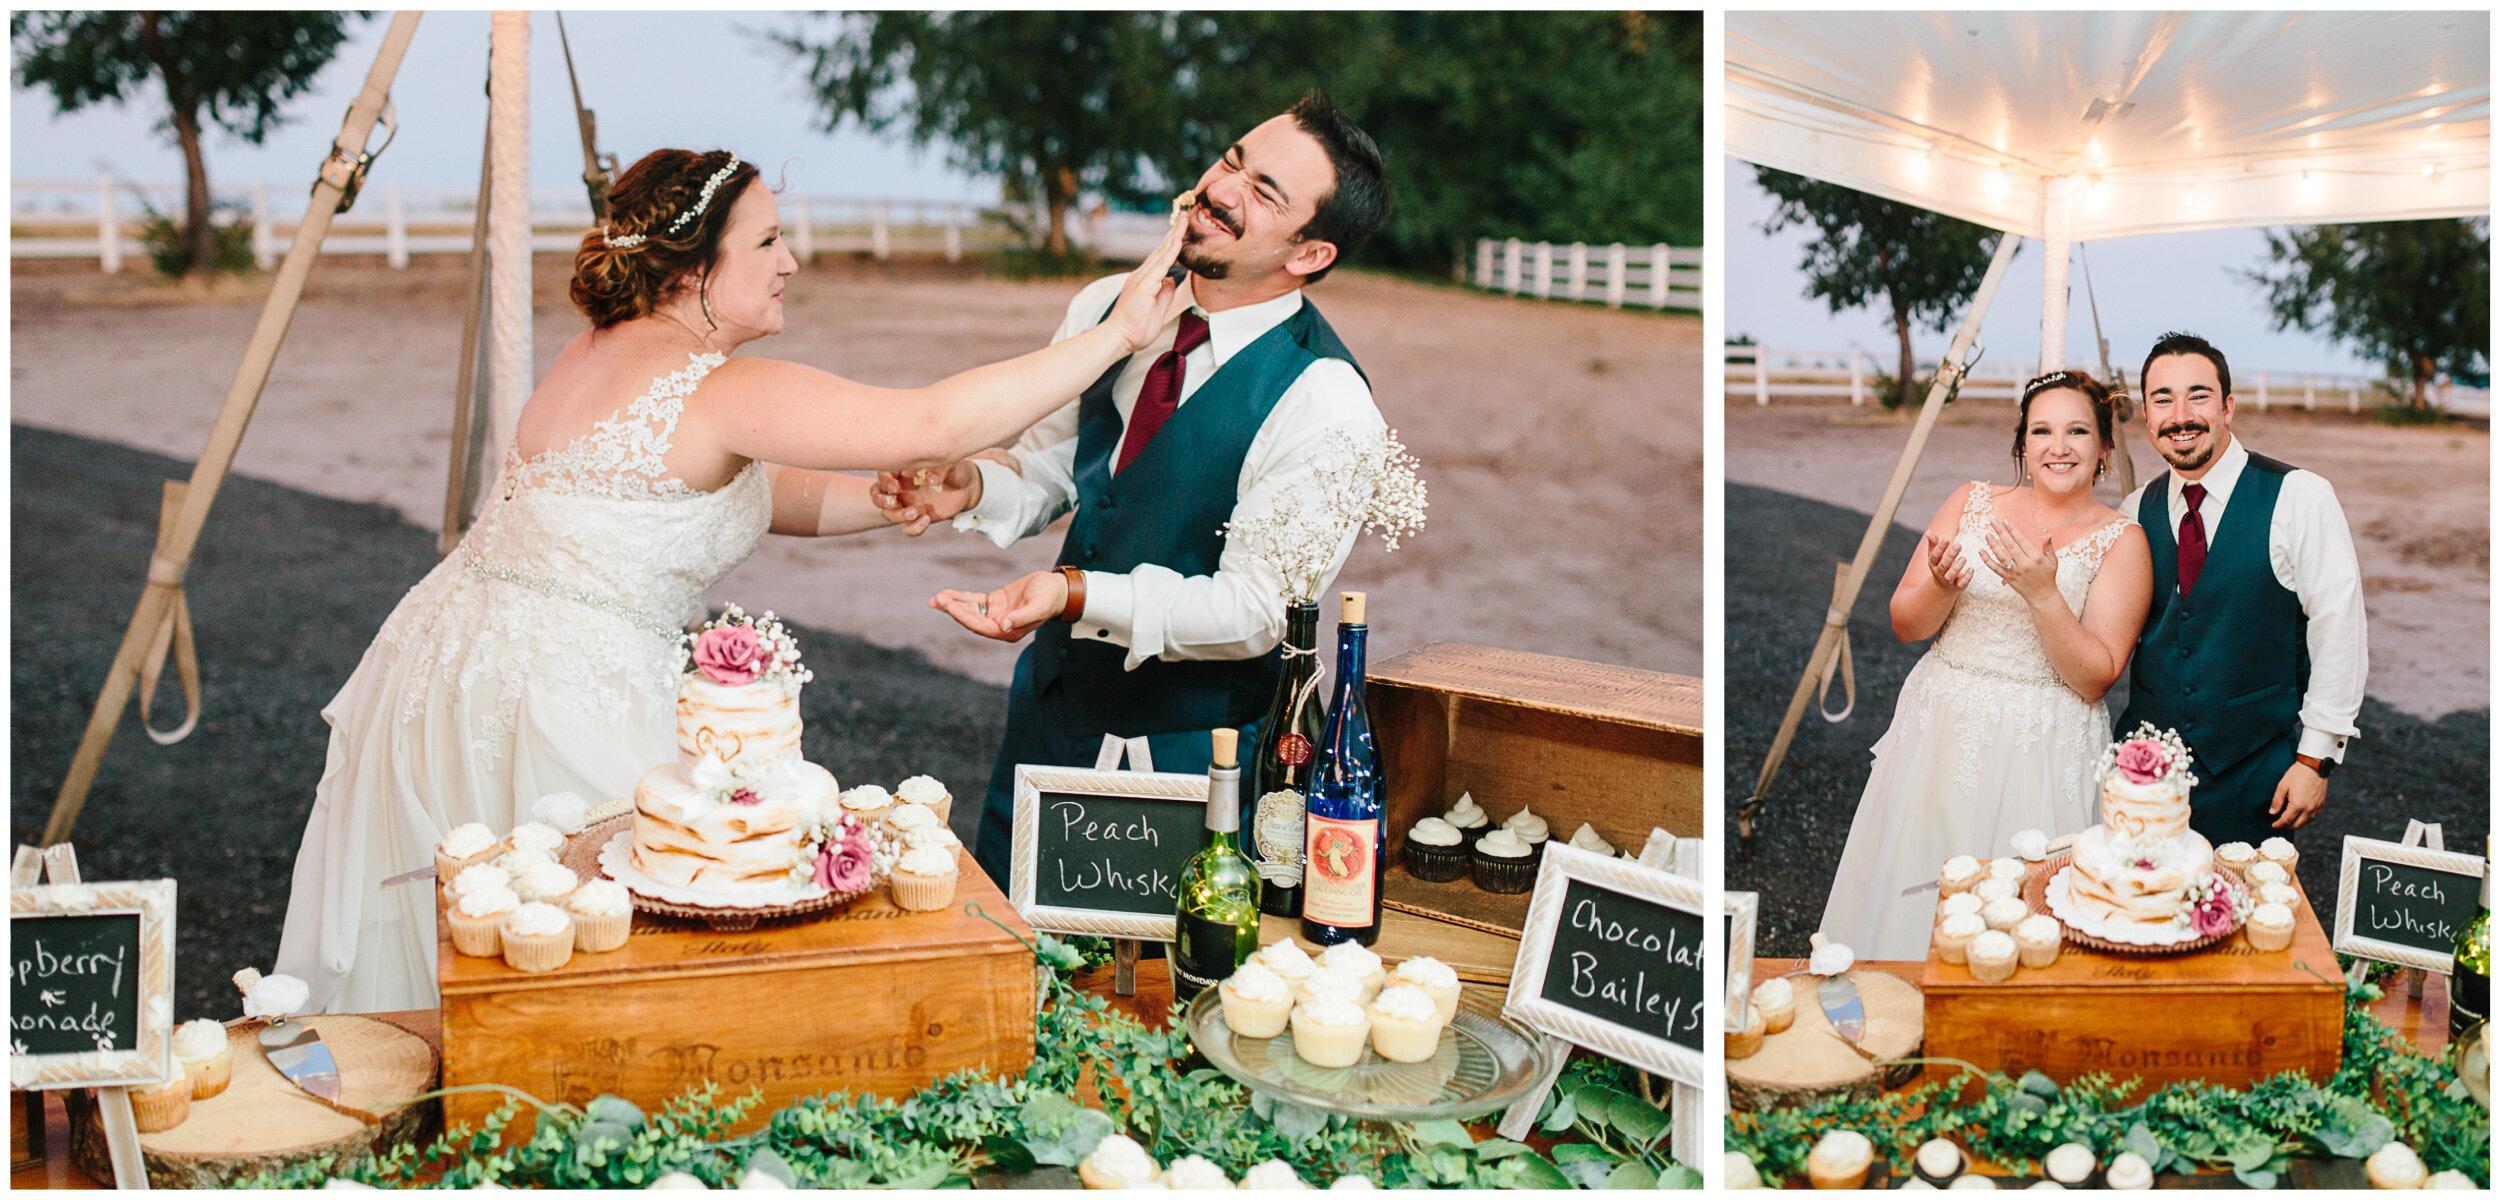 brighton_colorado_wedding_85.jpg